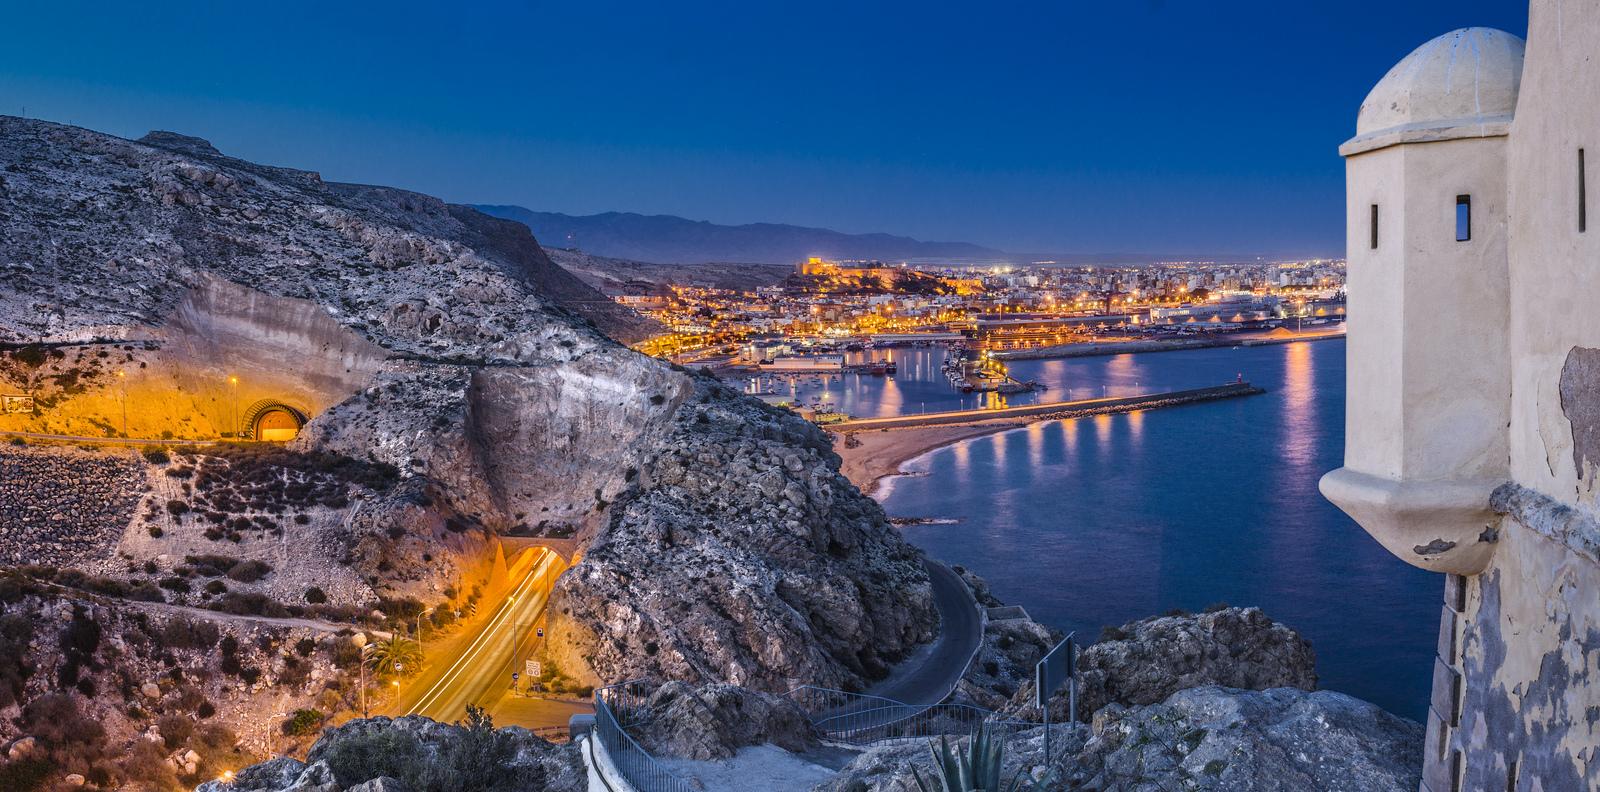 Entrada a Almeria desde el Faro de San Telmo. Fotos vía oficina de Turismo de Almería